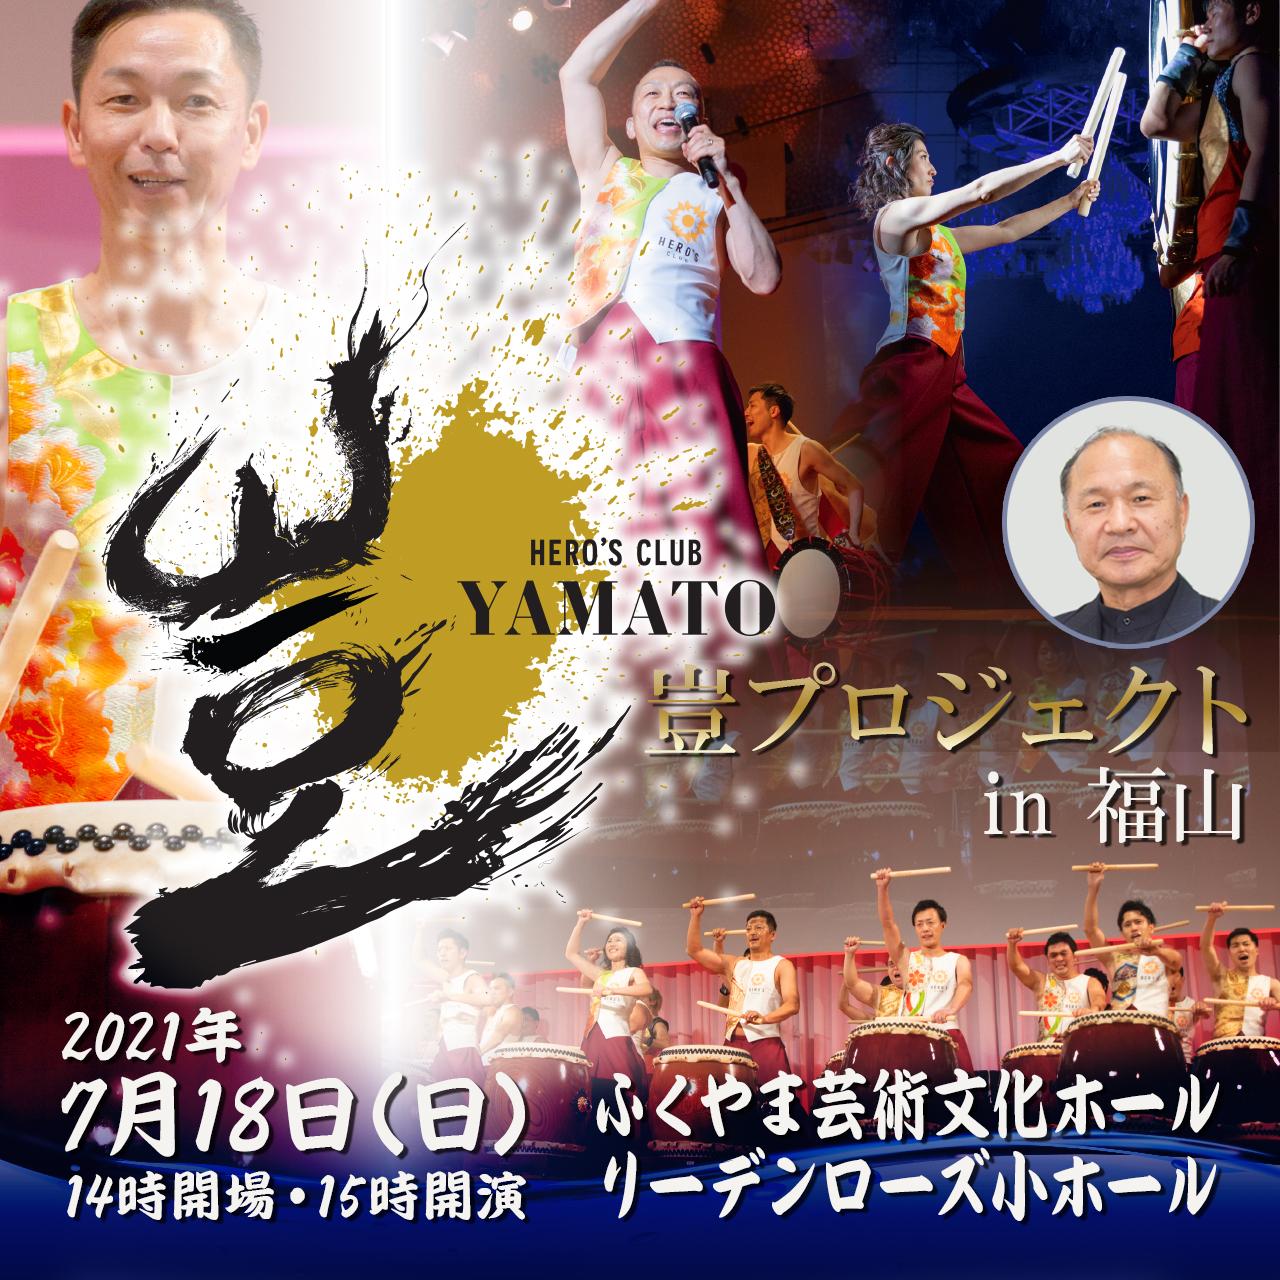 2021年7月18日 豈プロジェクト 福山公演